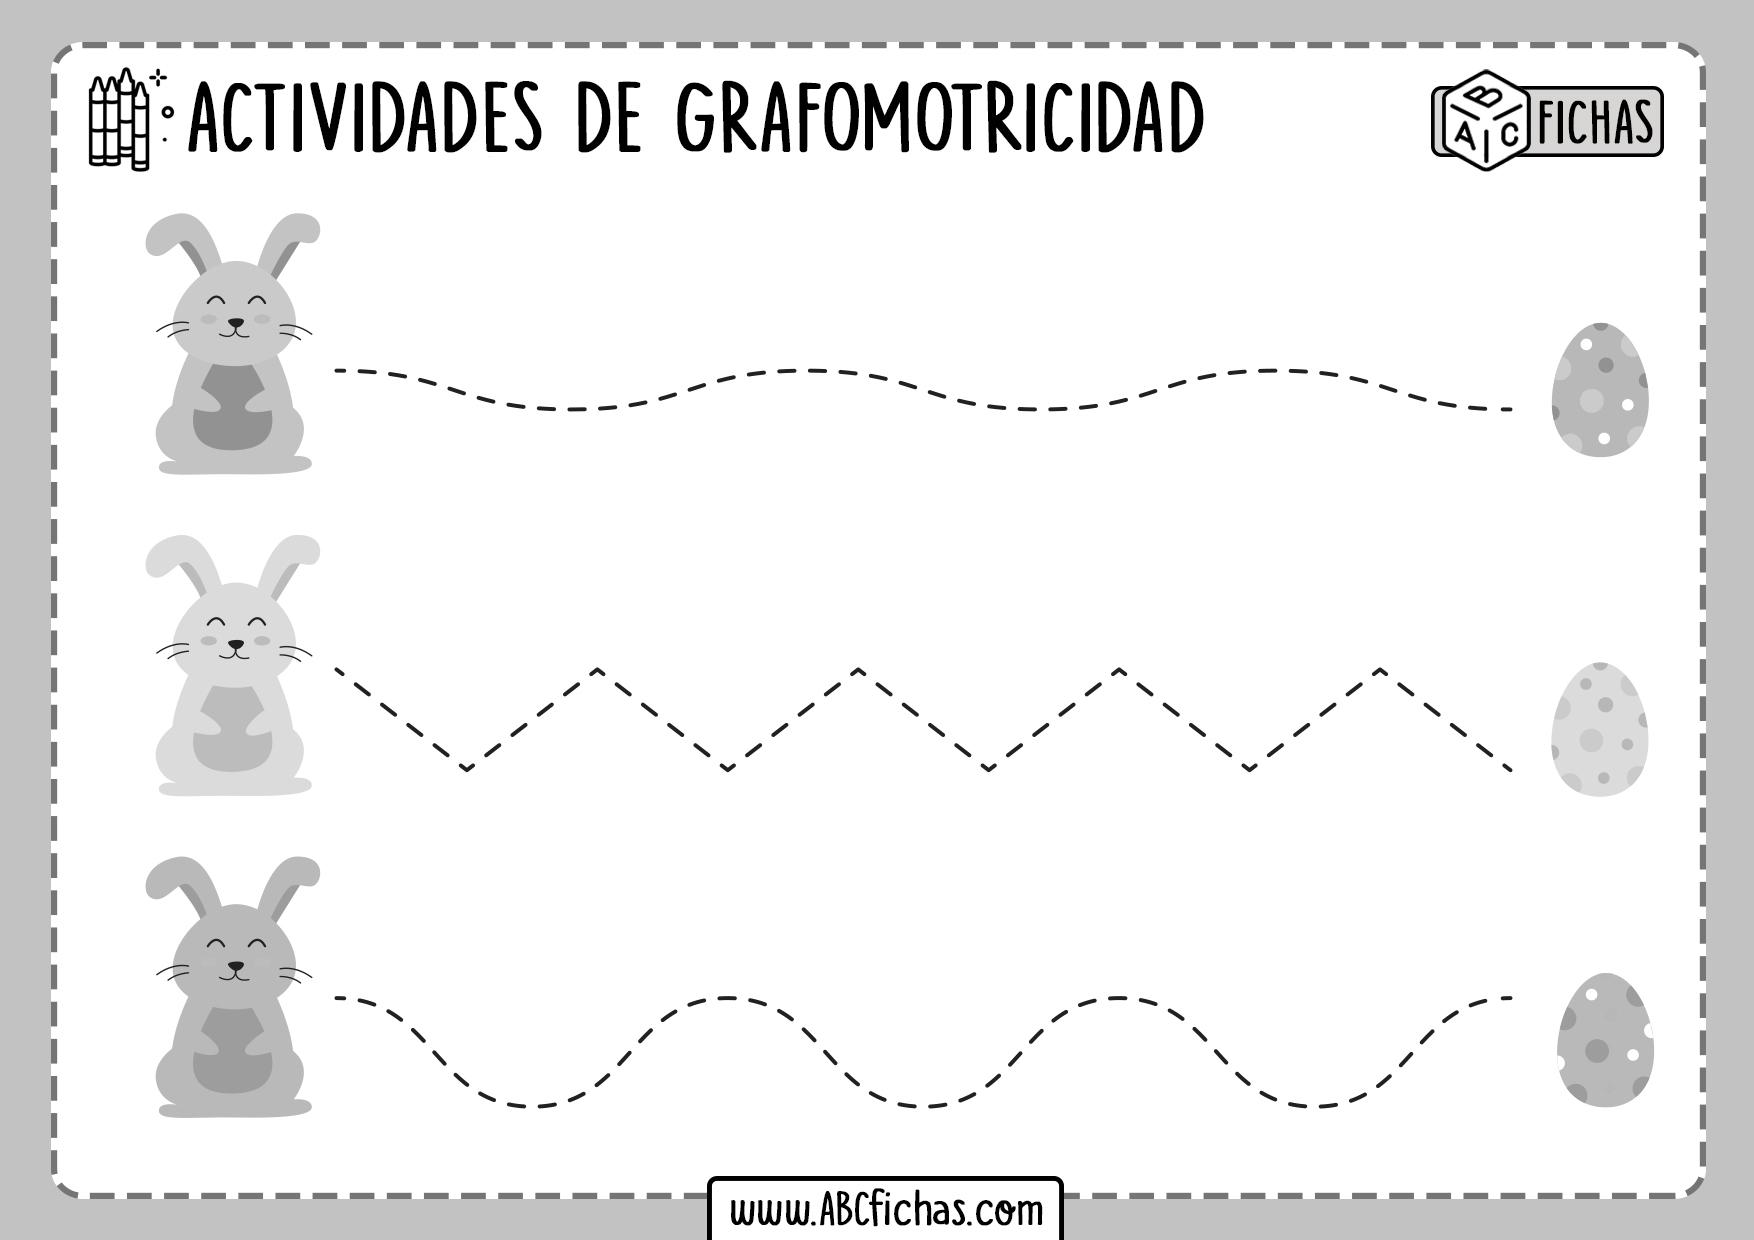 Actividades de Grafomotricidad